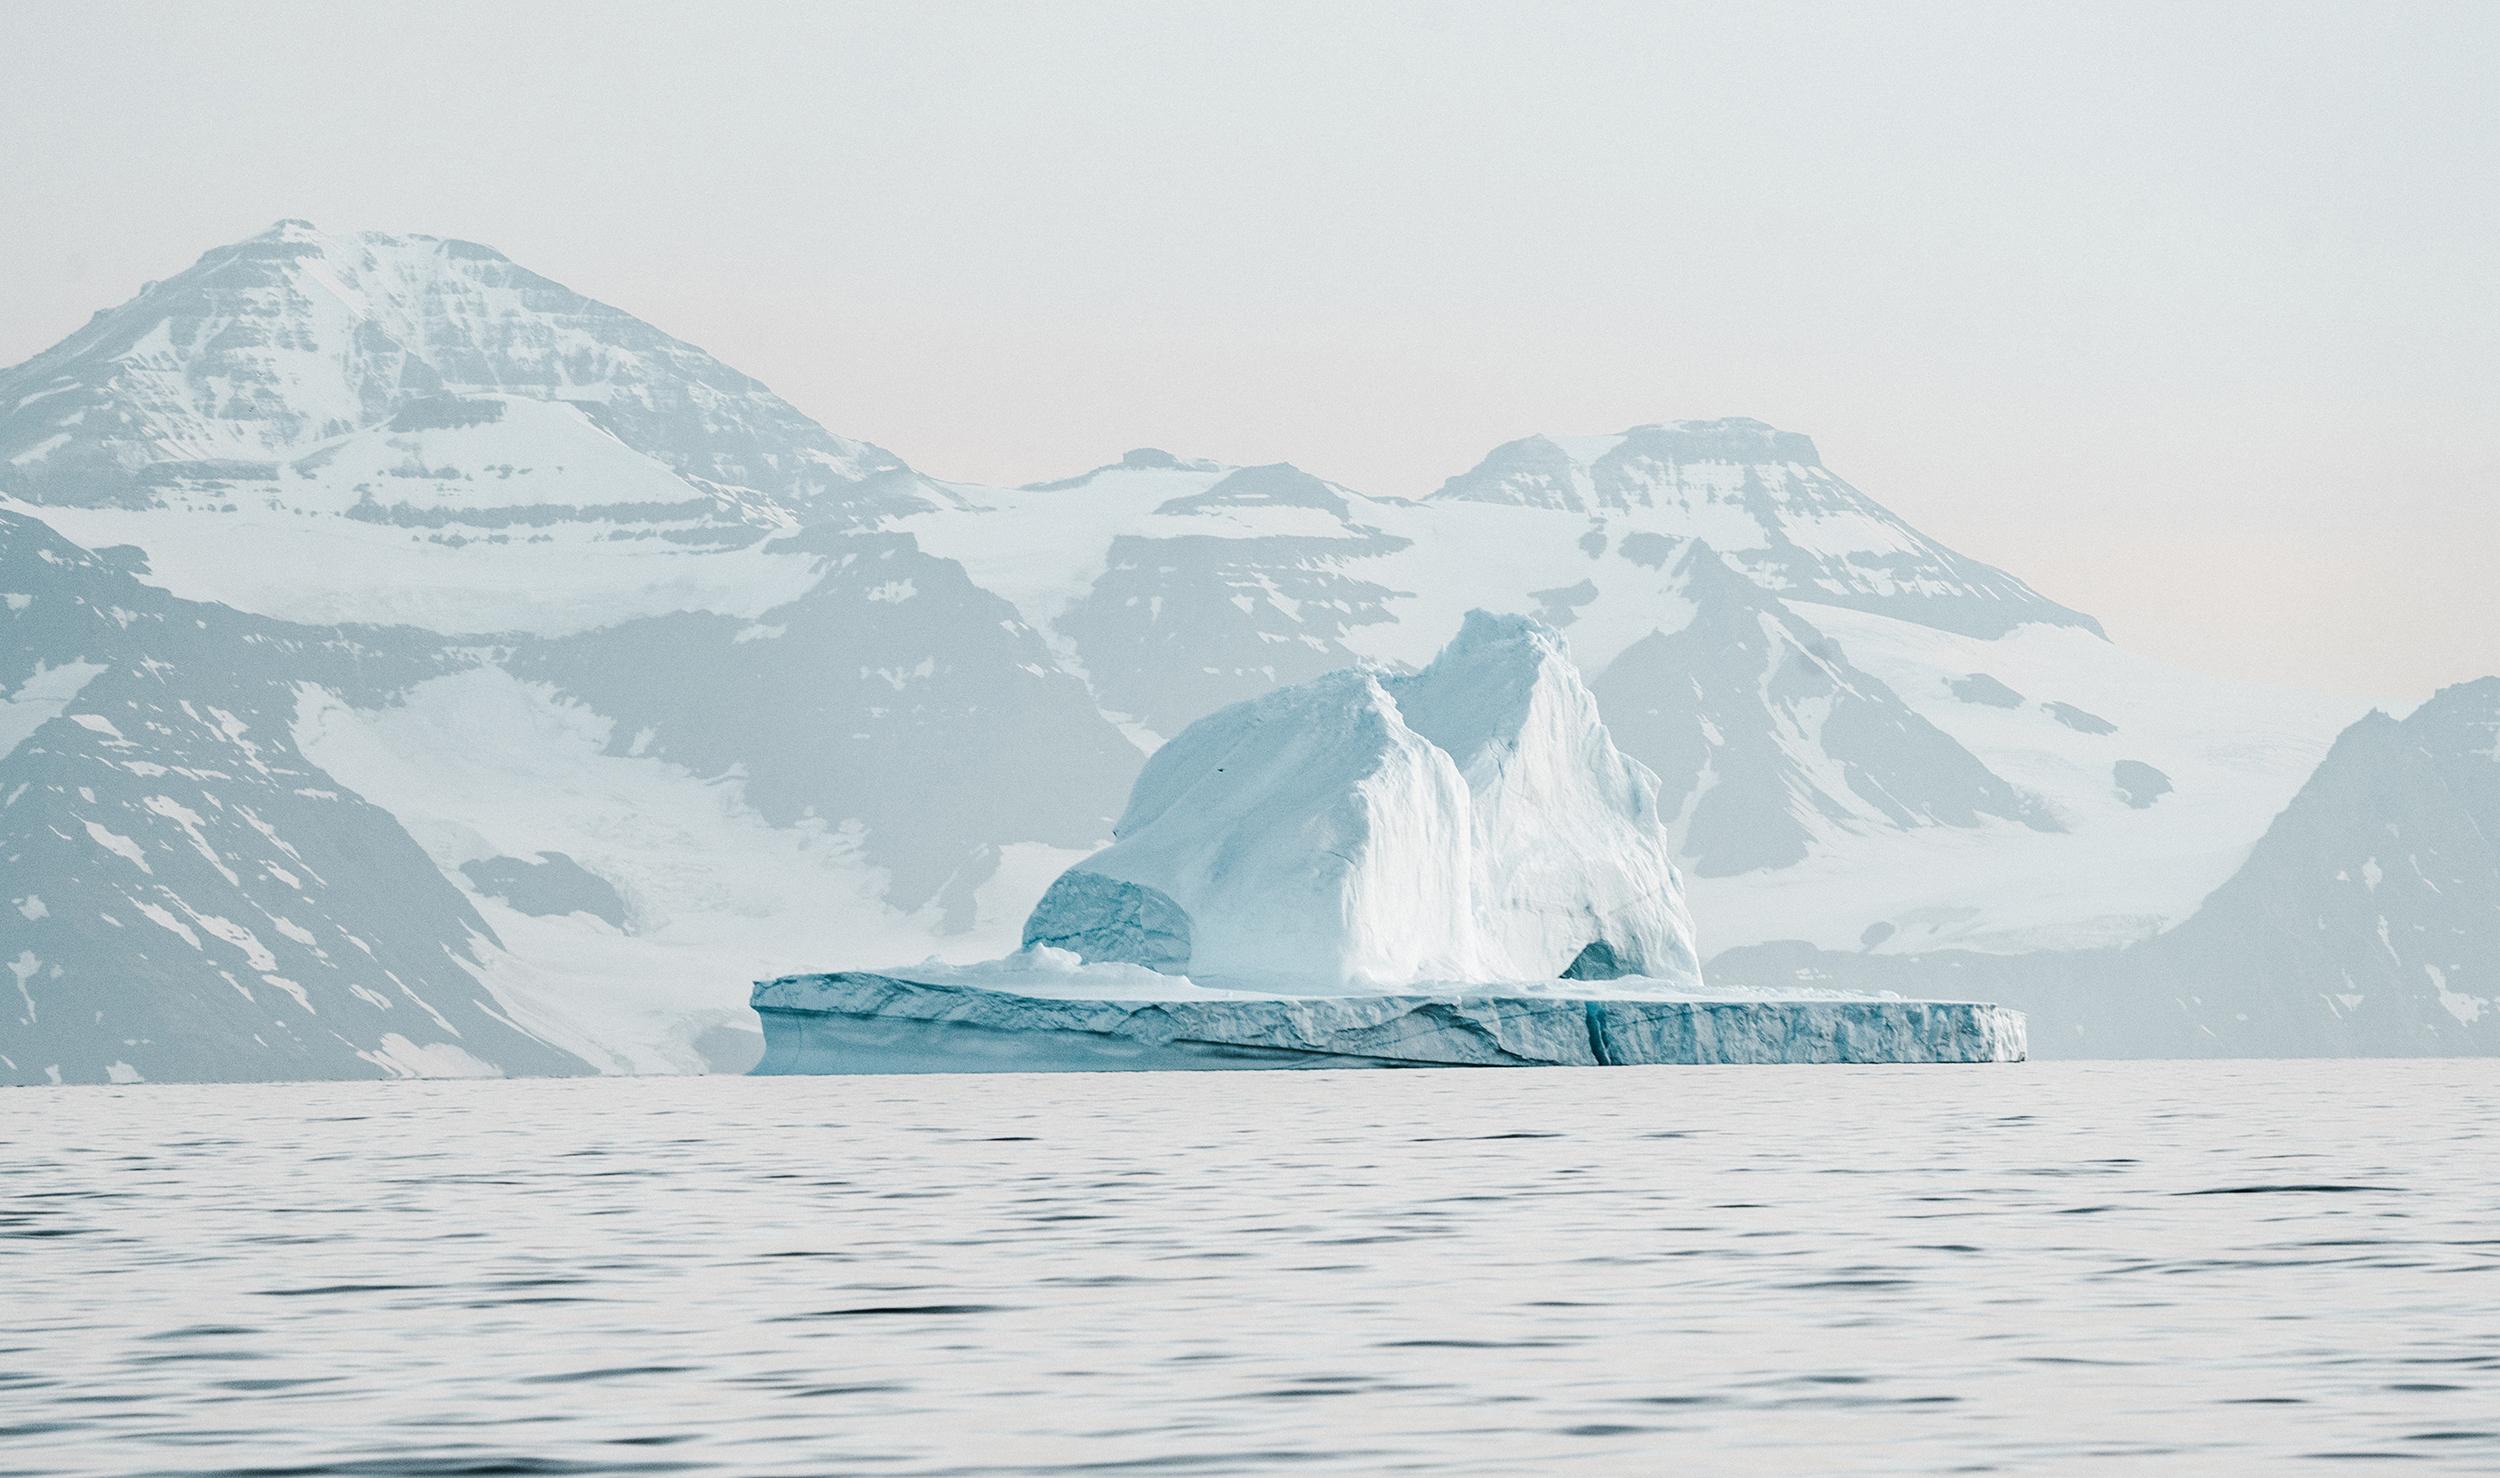 【北极】(极地探索号邮轮)中国人包船北极熊王国摄影巡游 11 天团